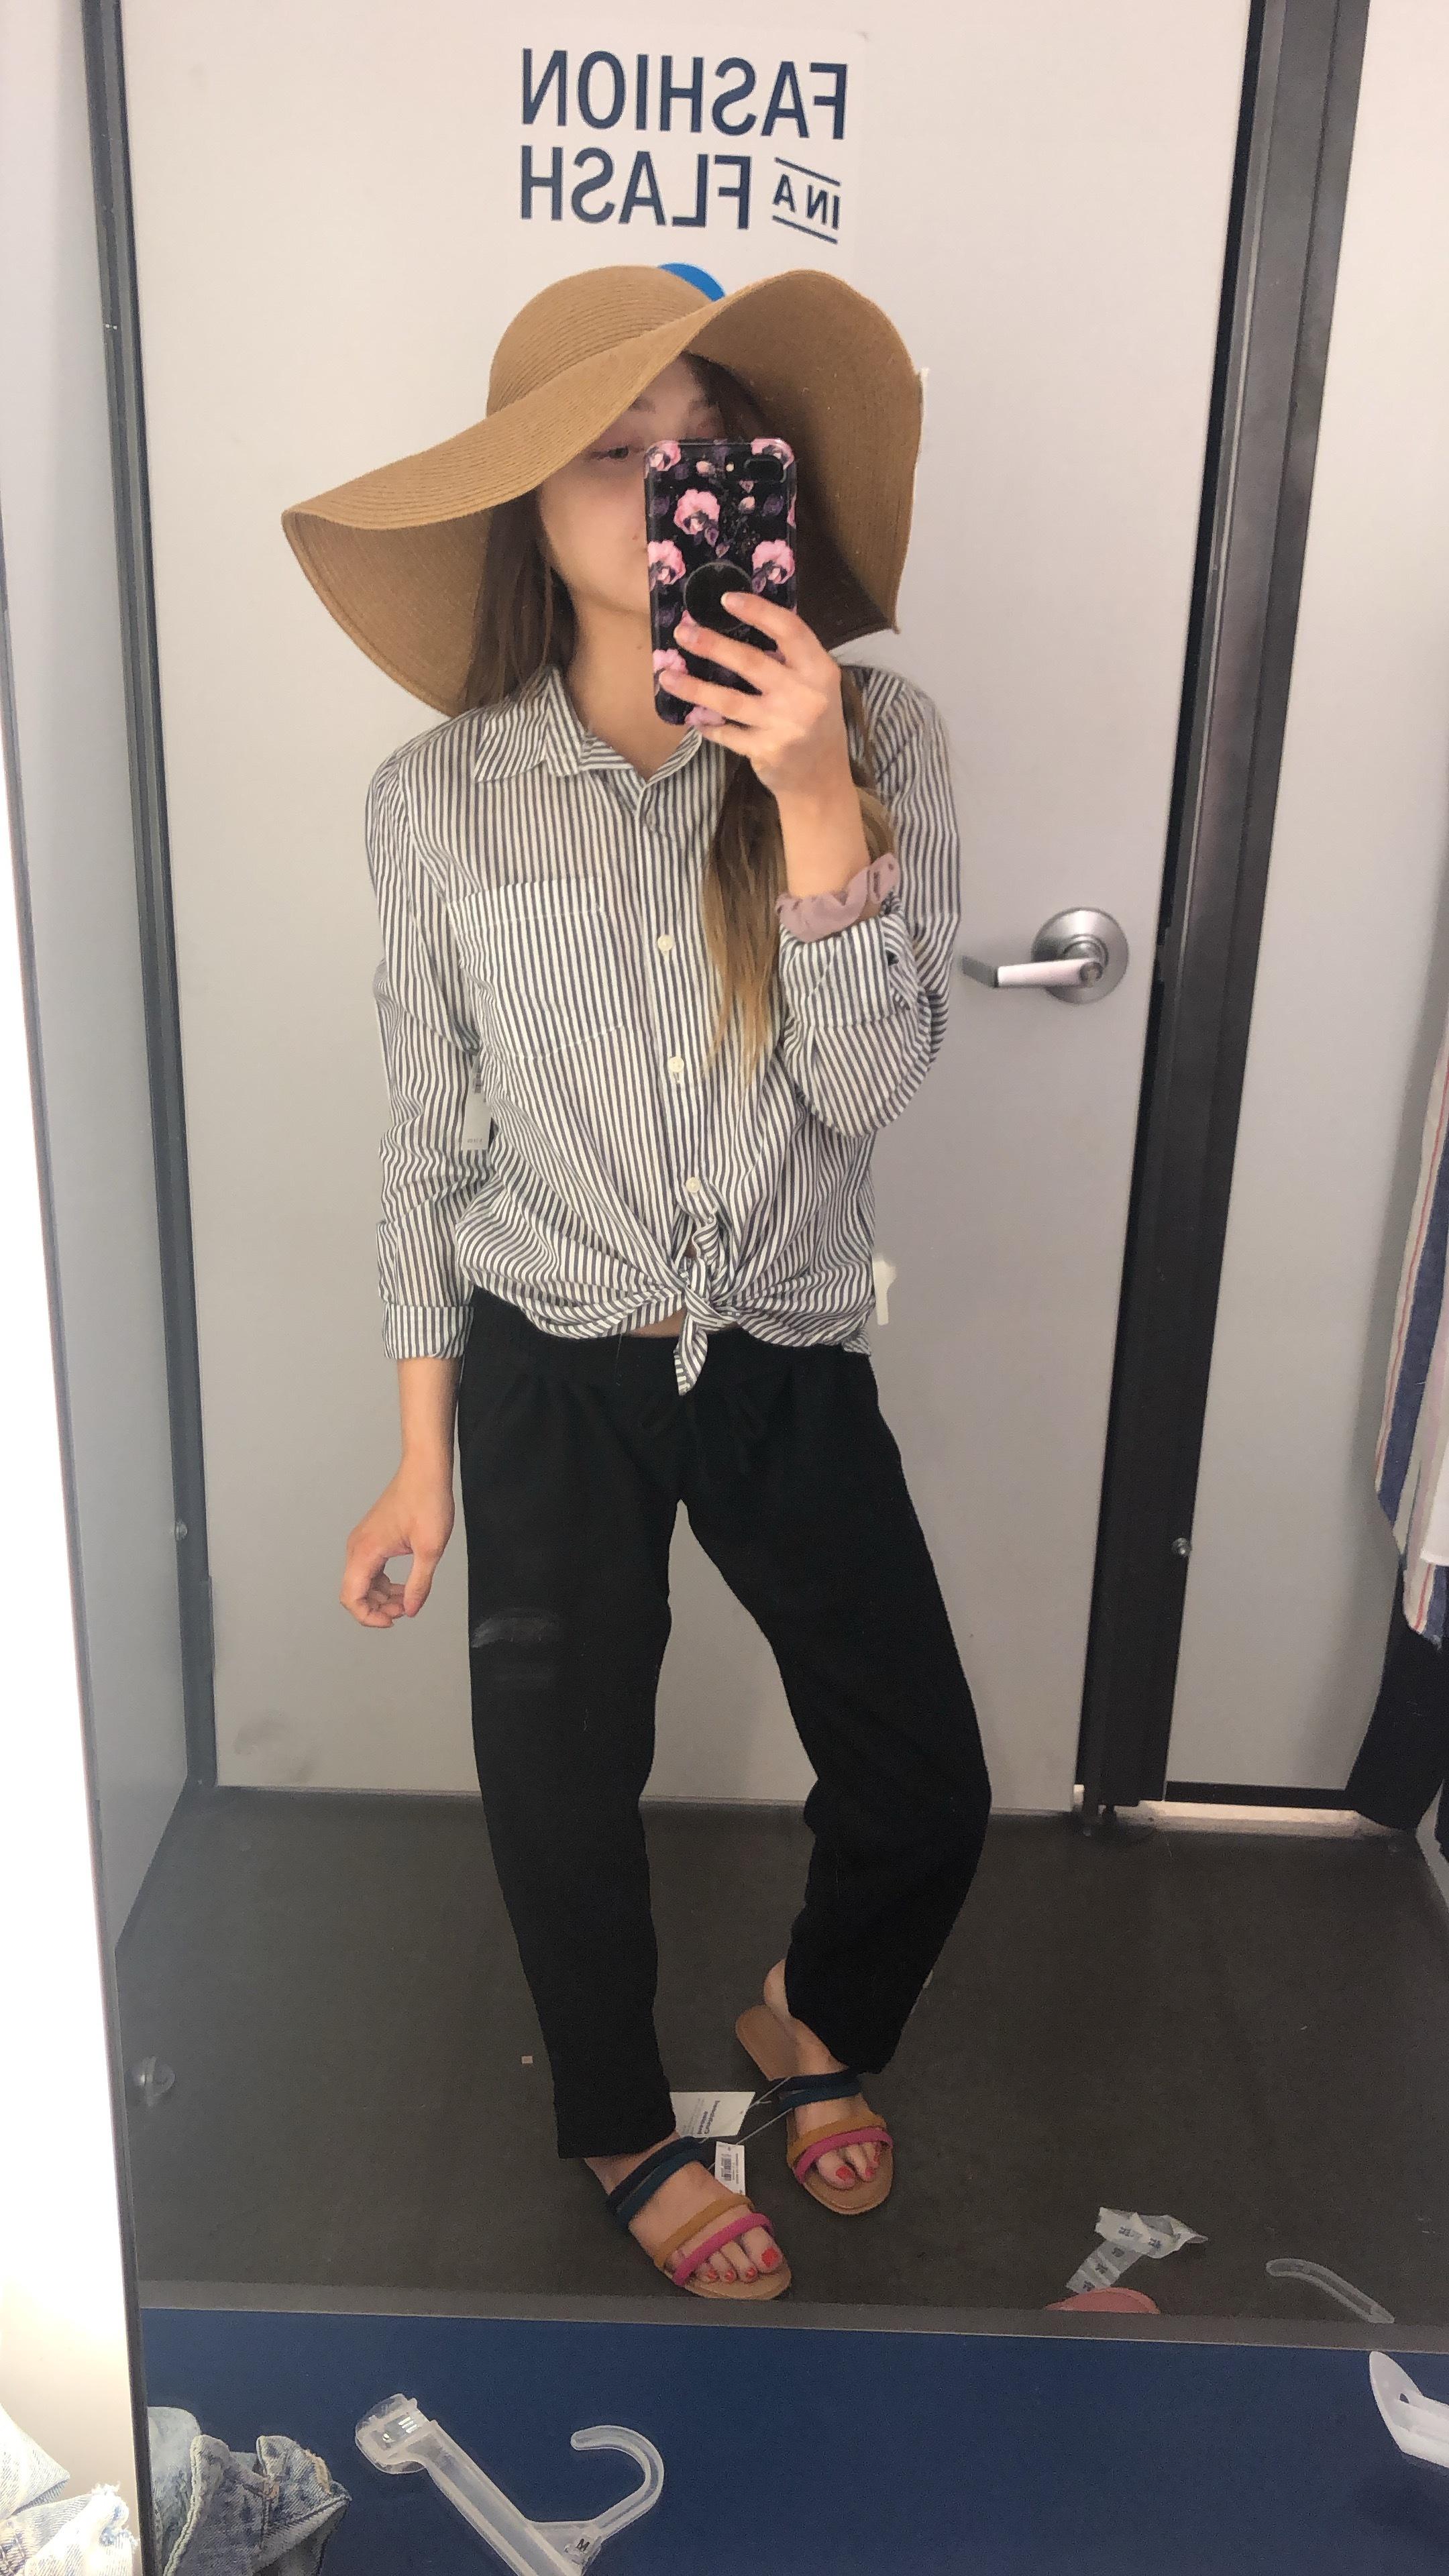 pants  //  shirt  //  hat  //  sandals